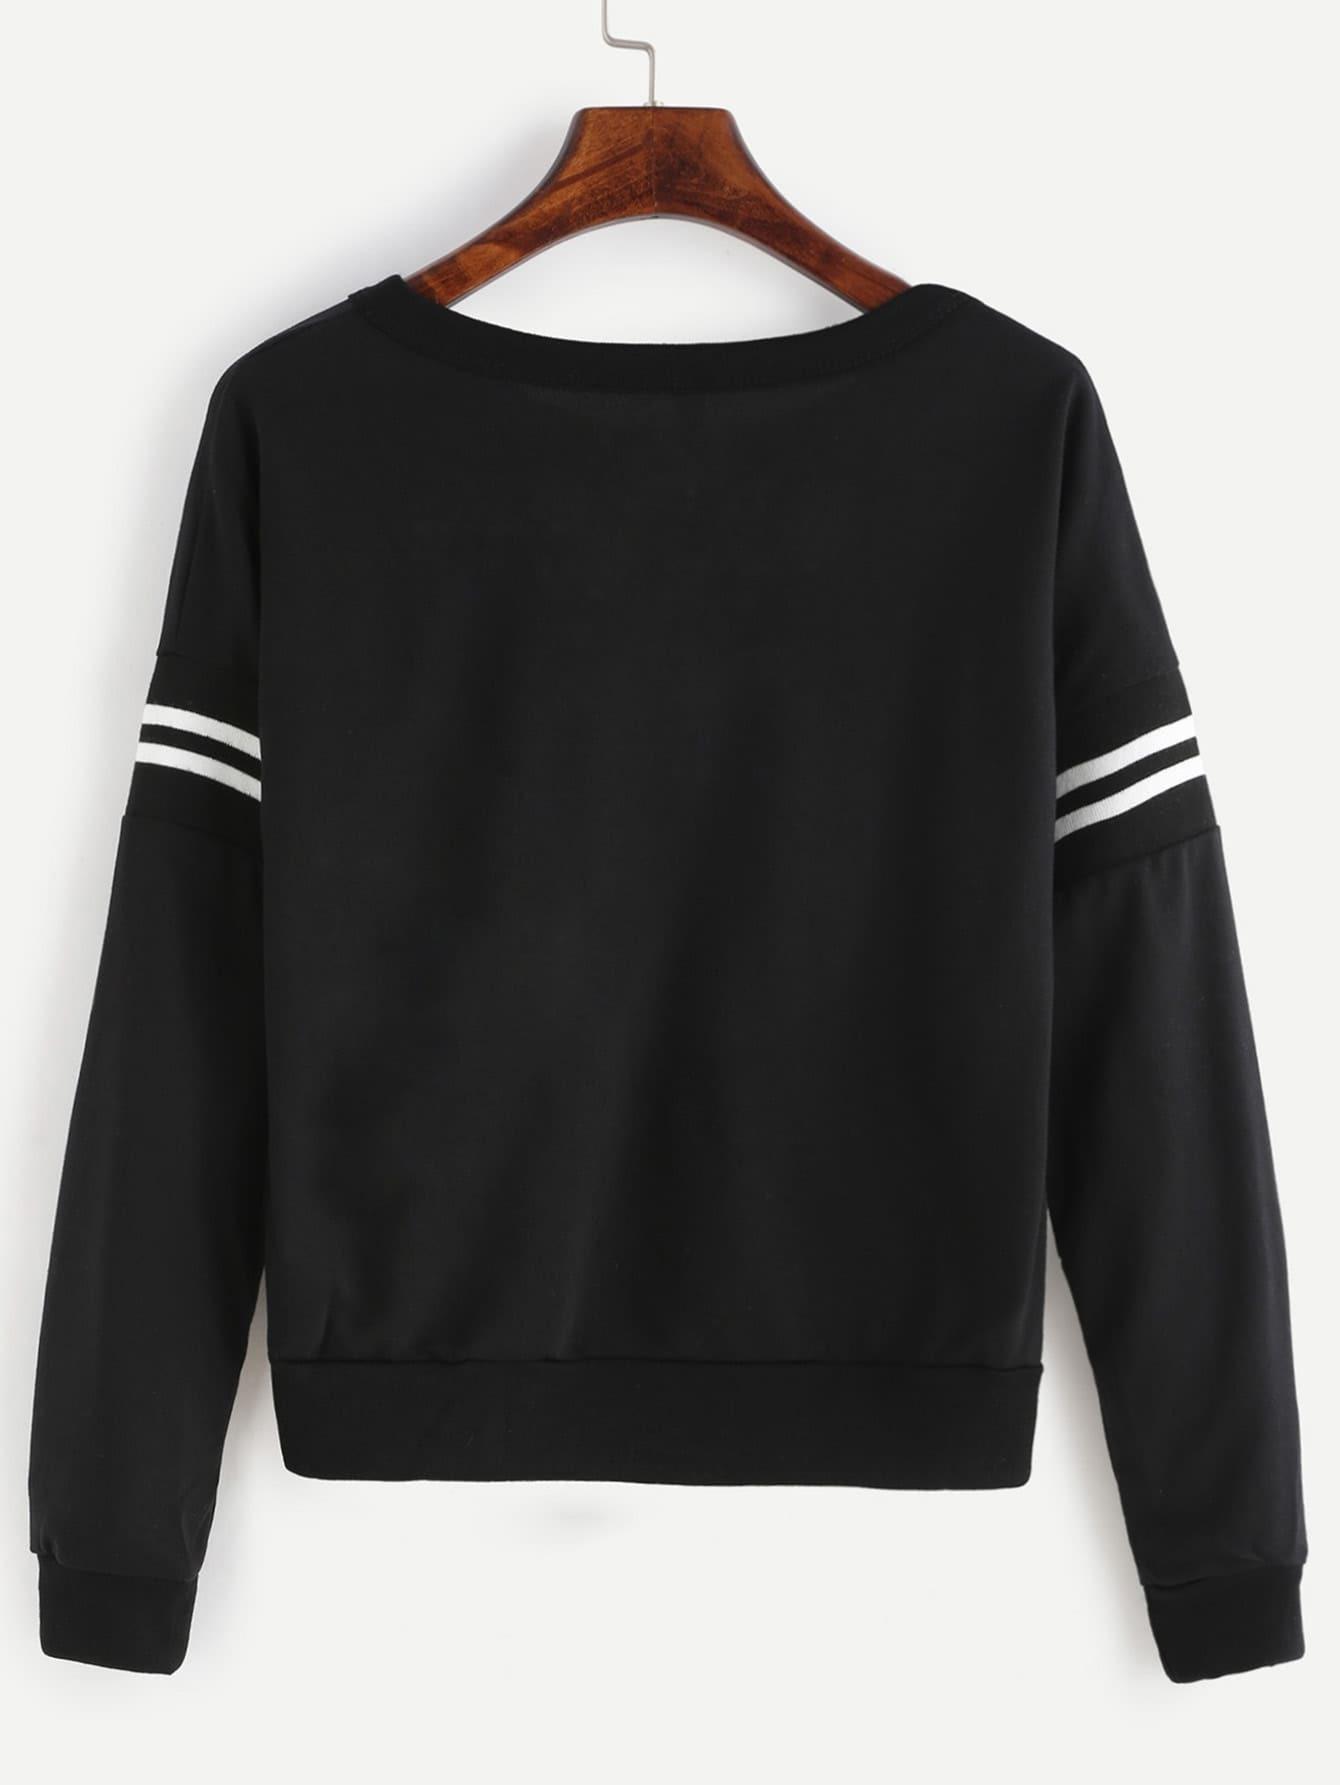 sweatshirt160819121_2